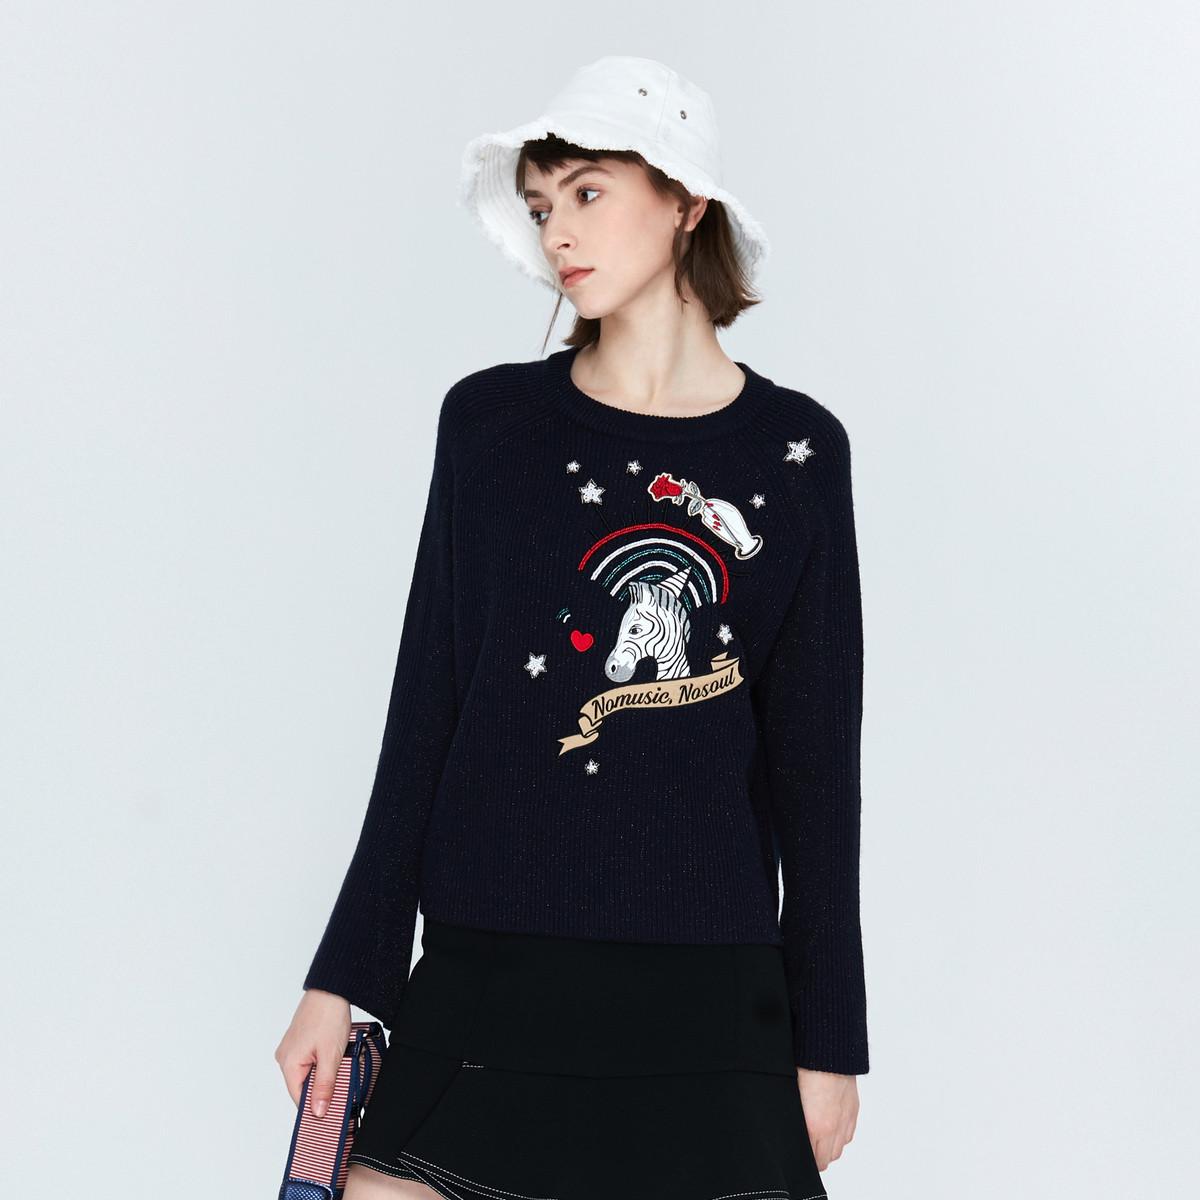 玛丝菲尔素玛丝菲尔素冬季新款动物印花长袖针织衫女套头B1JS4422M